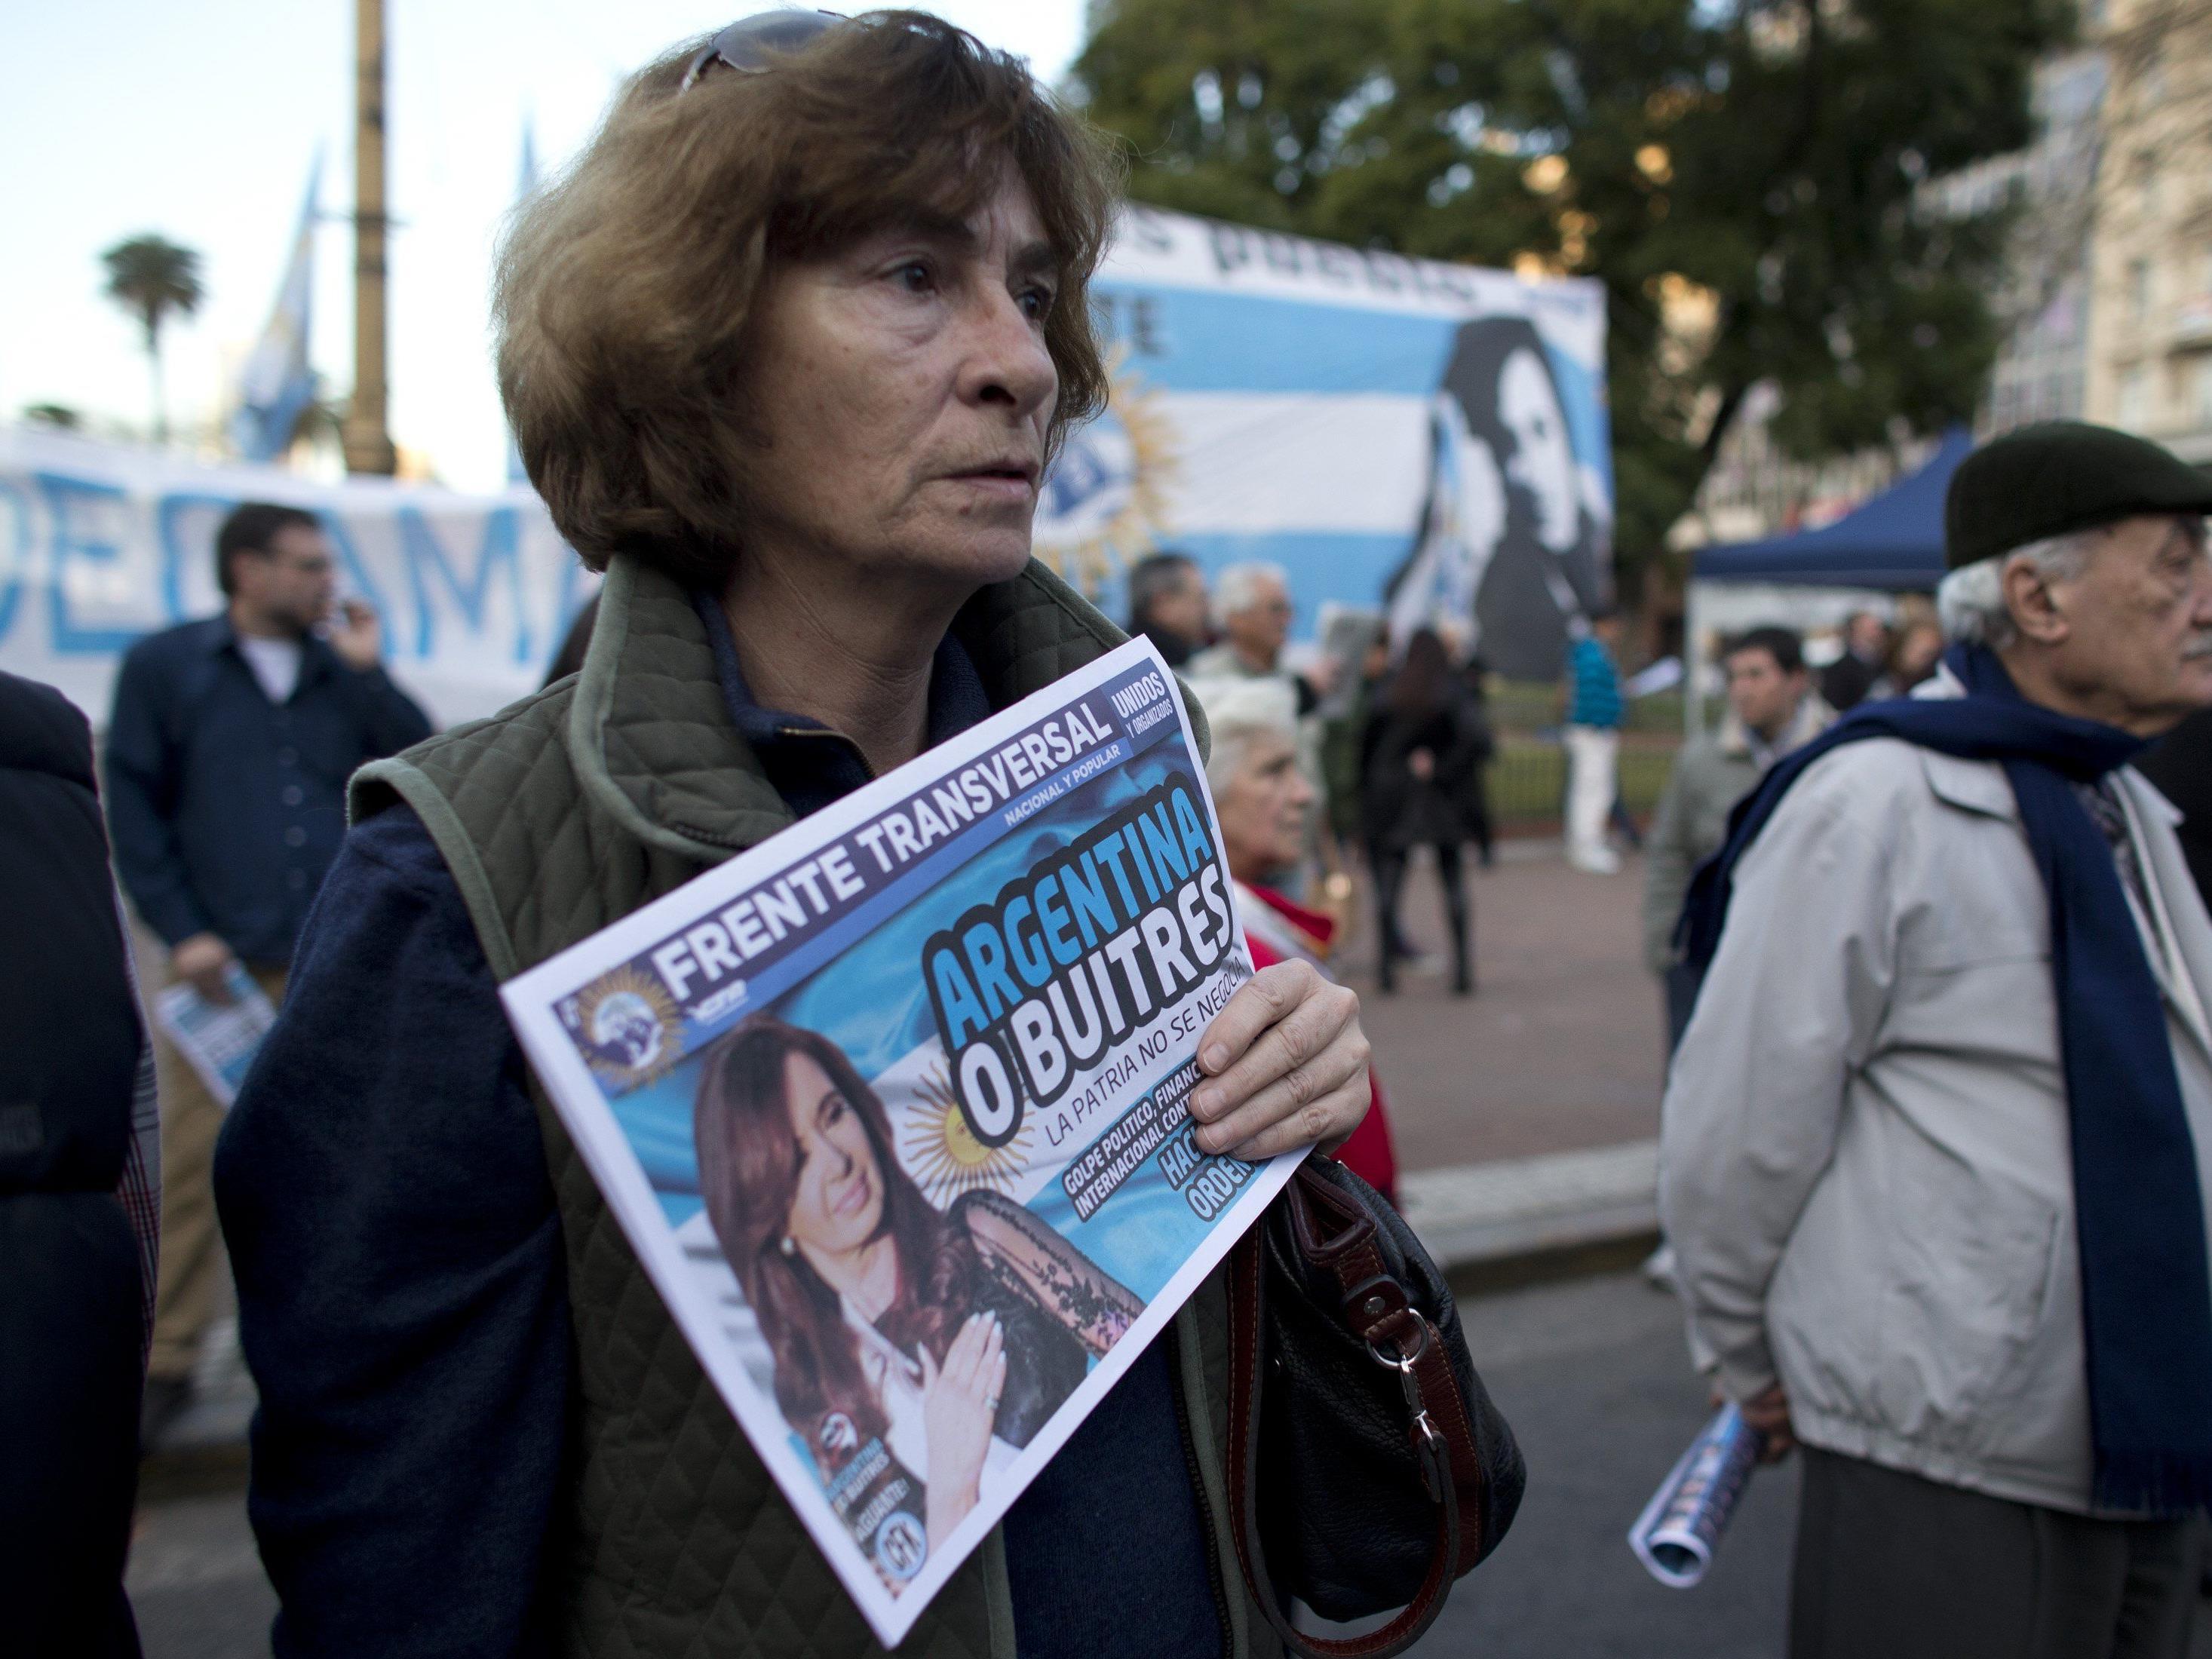 Argentinien: Rund 540 Millionen Dollar an Staatsschulden bei internationalen Gläubigern nicht getilgt